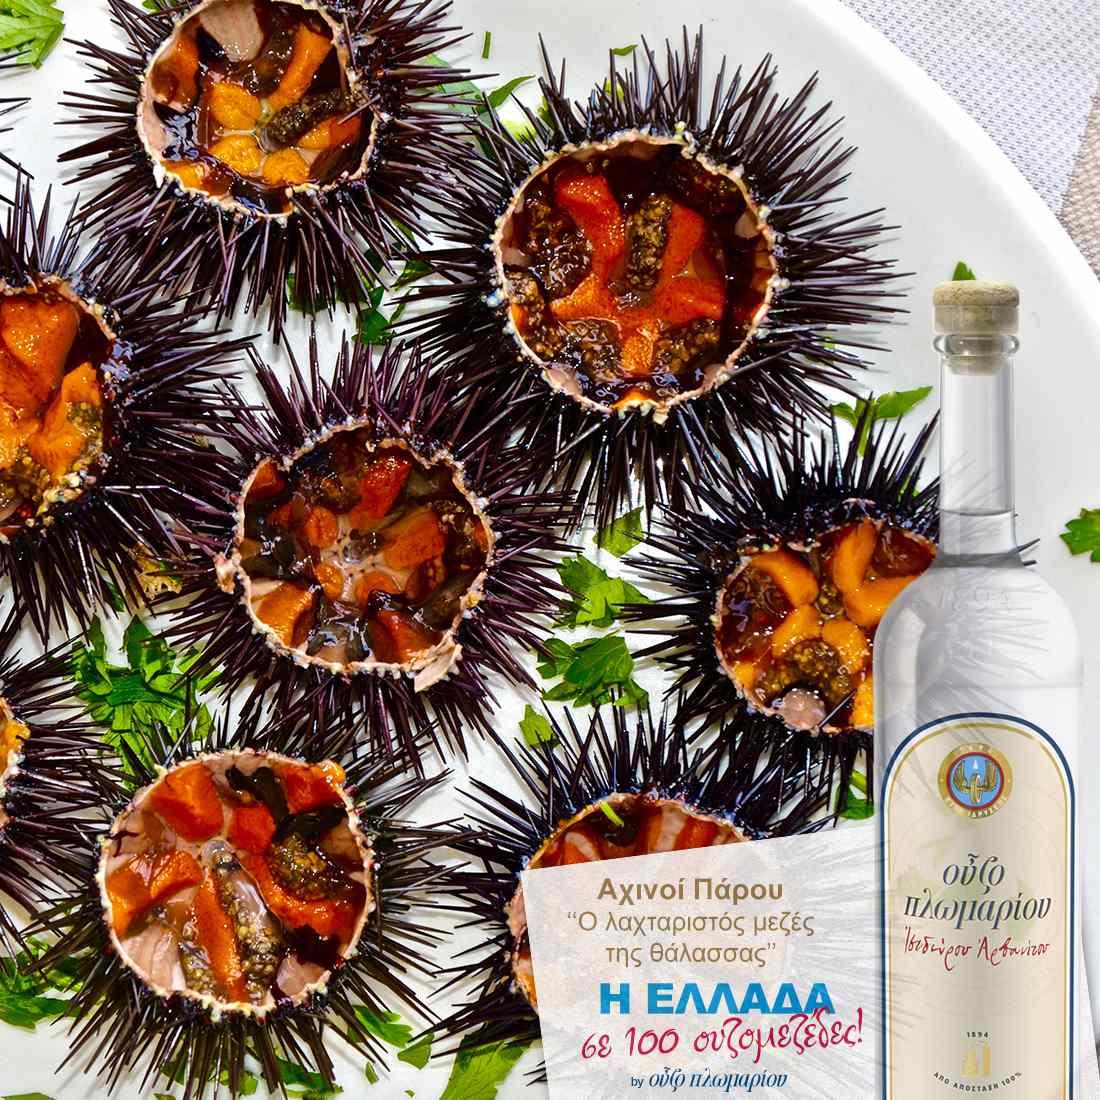 Αχινοί - Ουζομεζέδες - Greek Gastronomy Guide